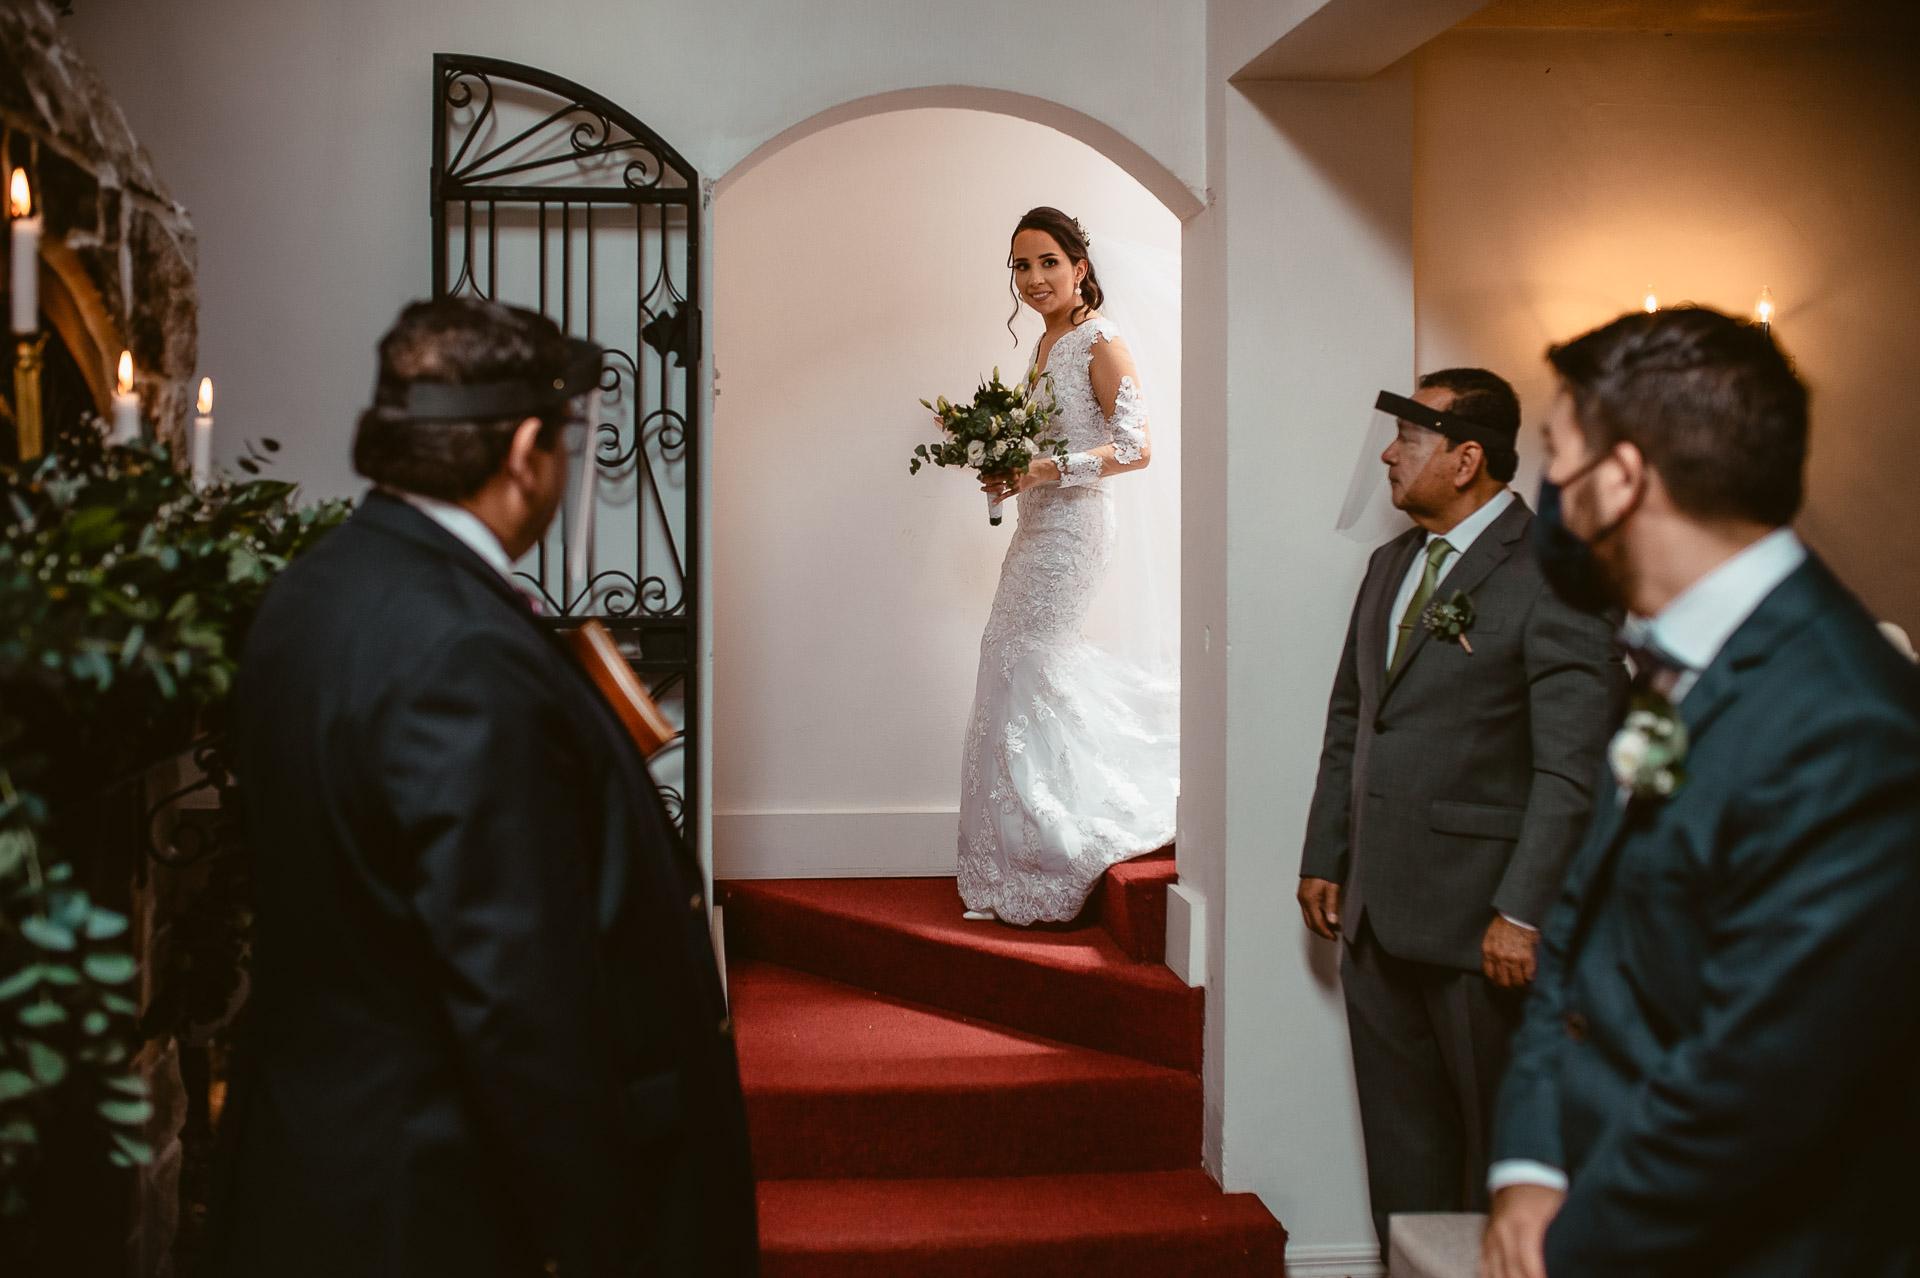 Photographe de mariage à San Isidro de Heredia, Costa Rica | Voir la mariée dans sa robe de mariée pour la première fois